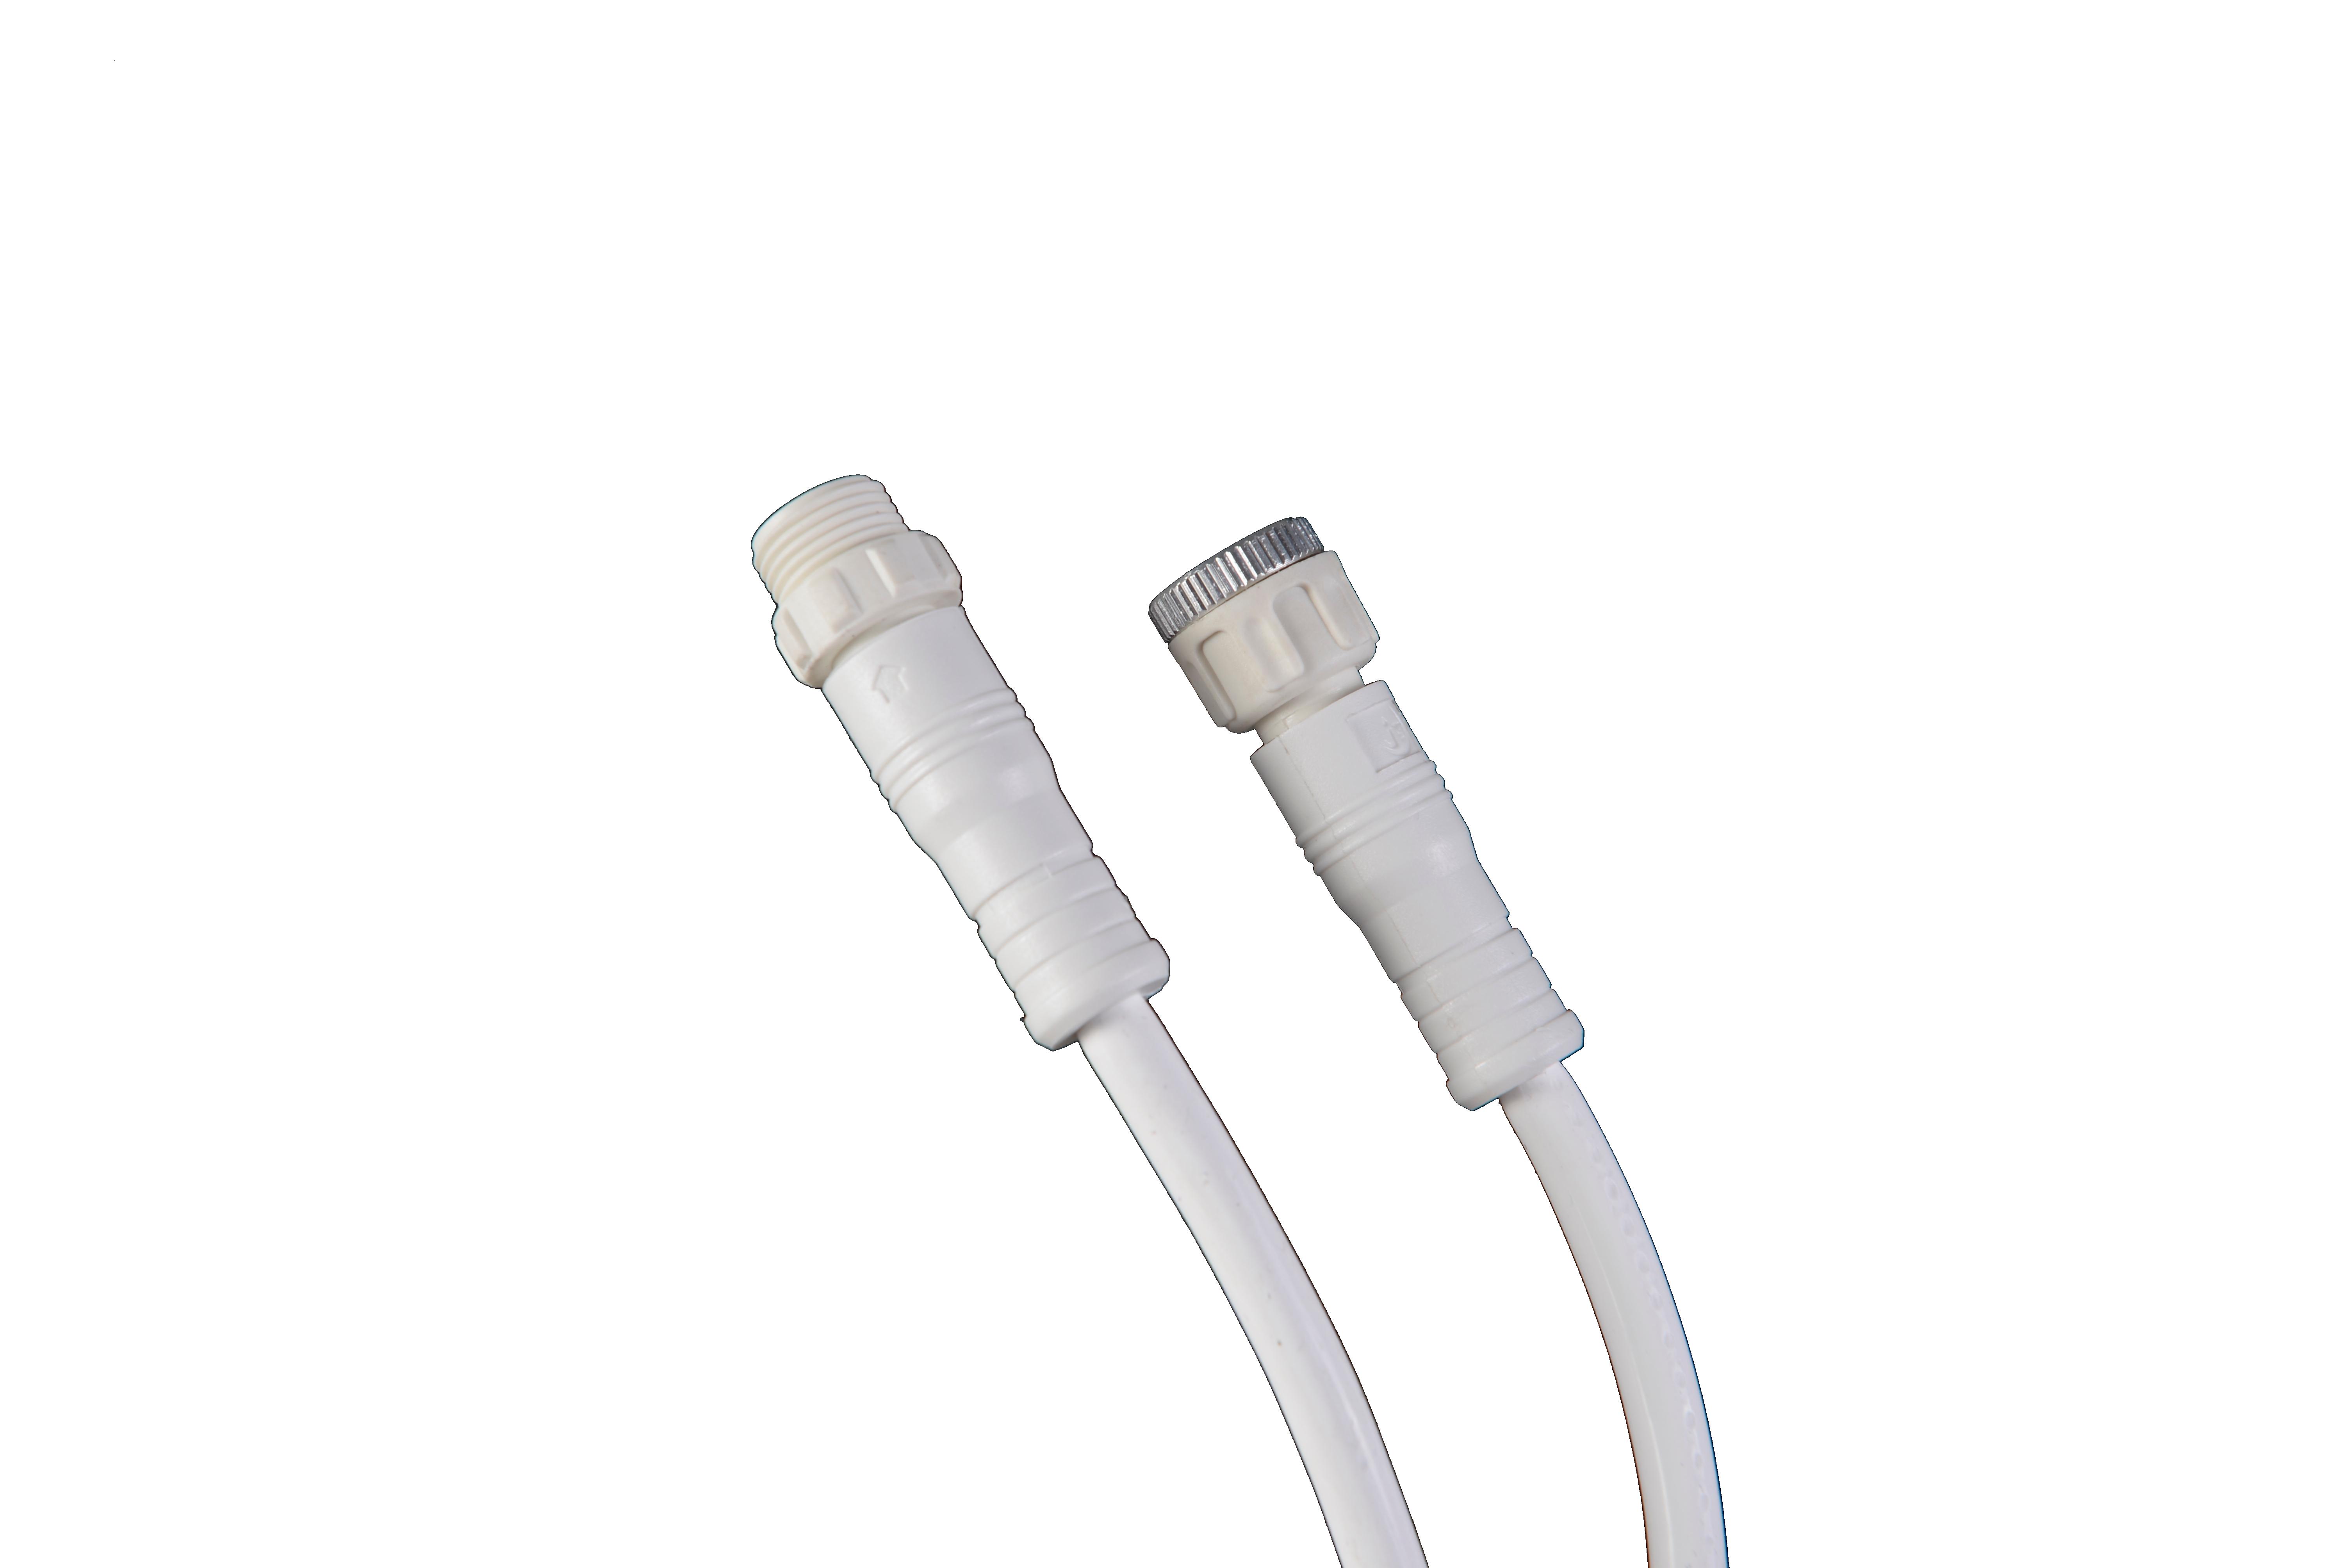 4P 母接头硅胶线材 (0.25M